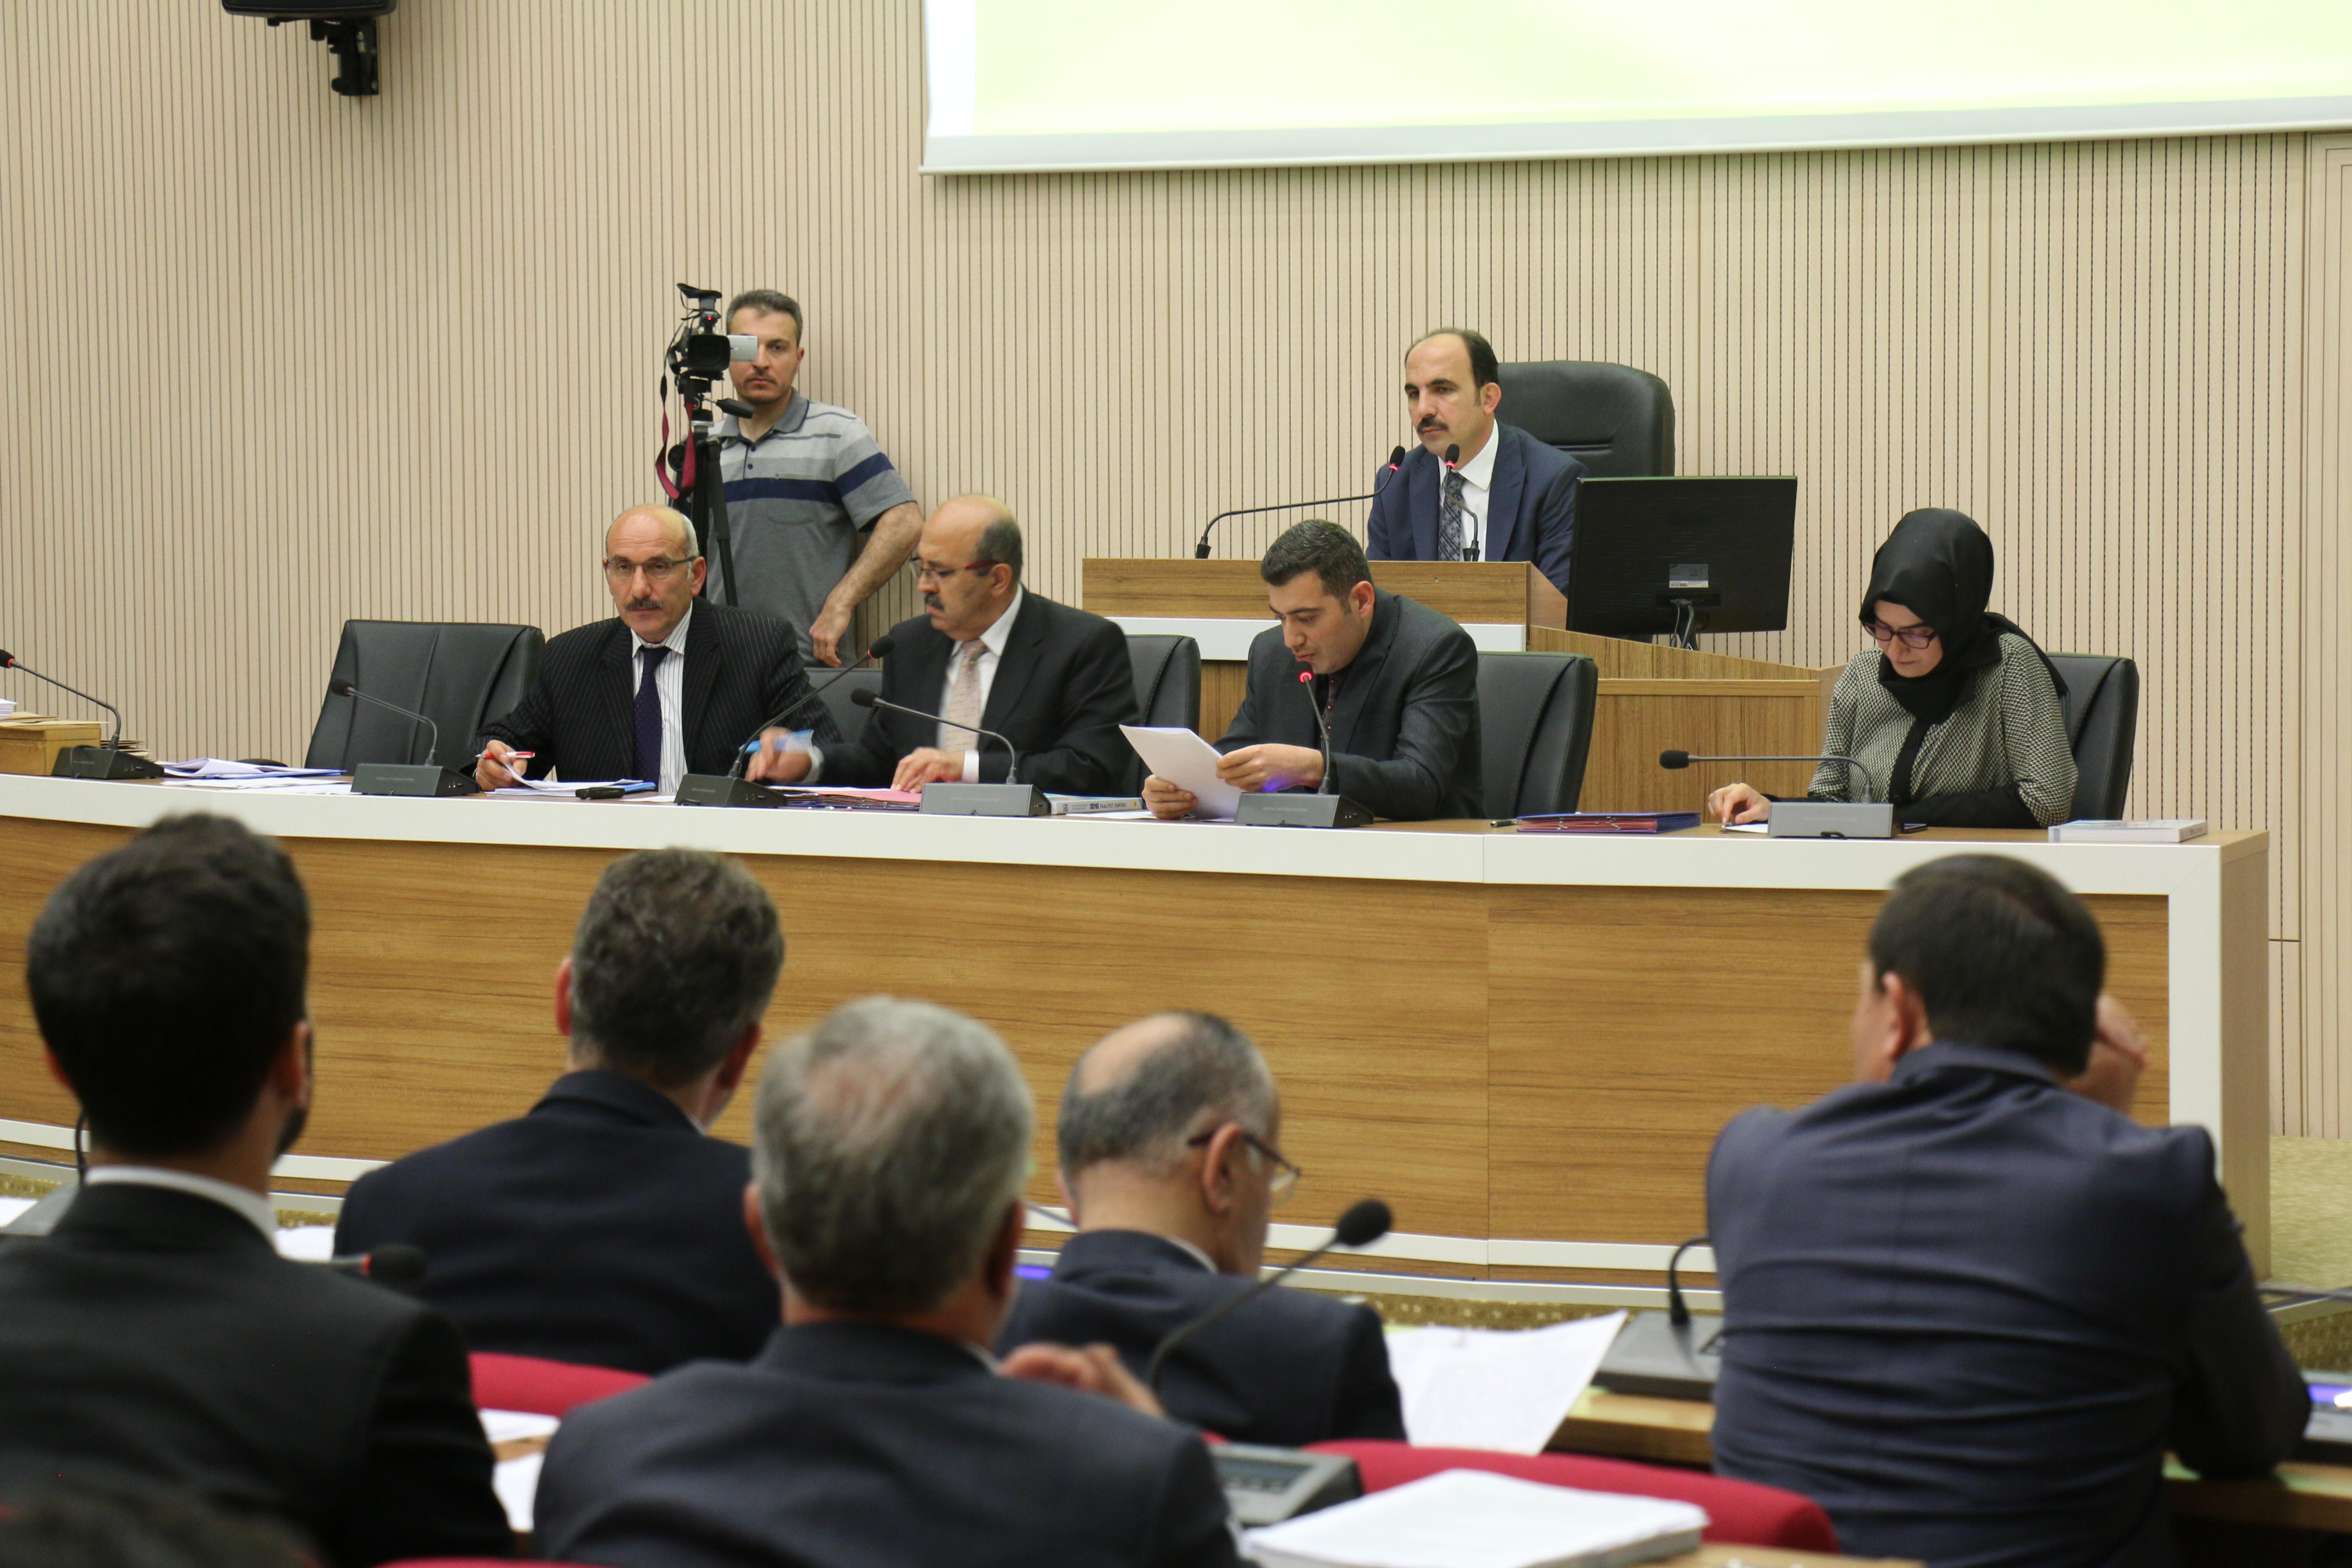 Konya Su Ve Kanalizasyon İdaresi Genel Kurulu Gerçekleştirildi